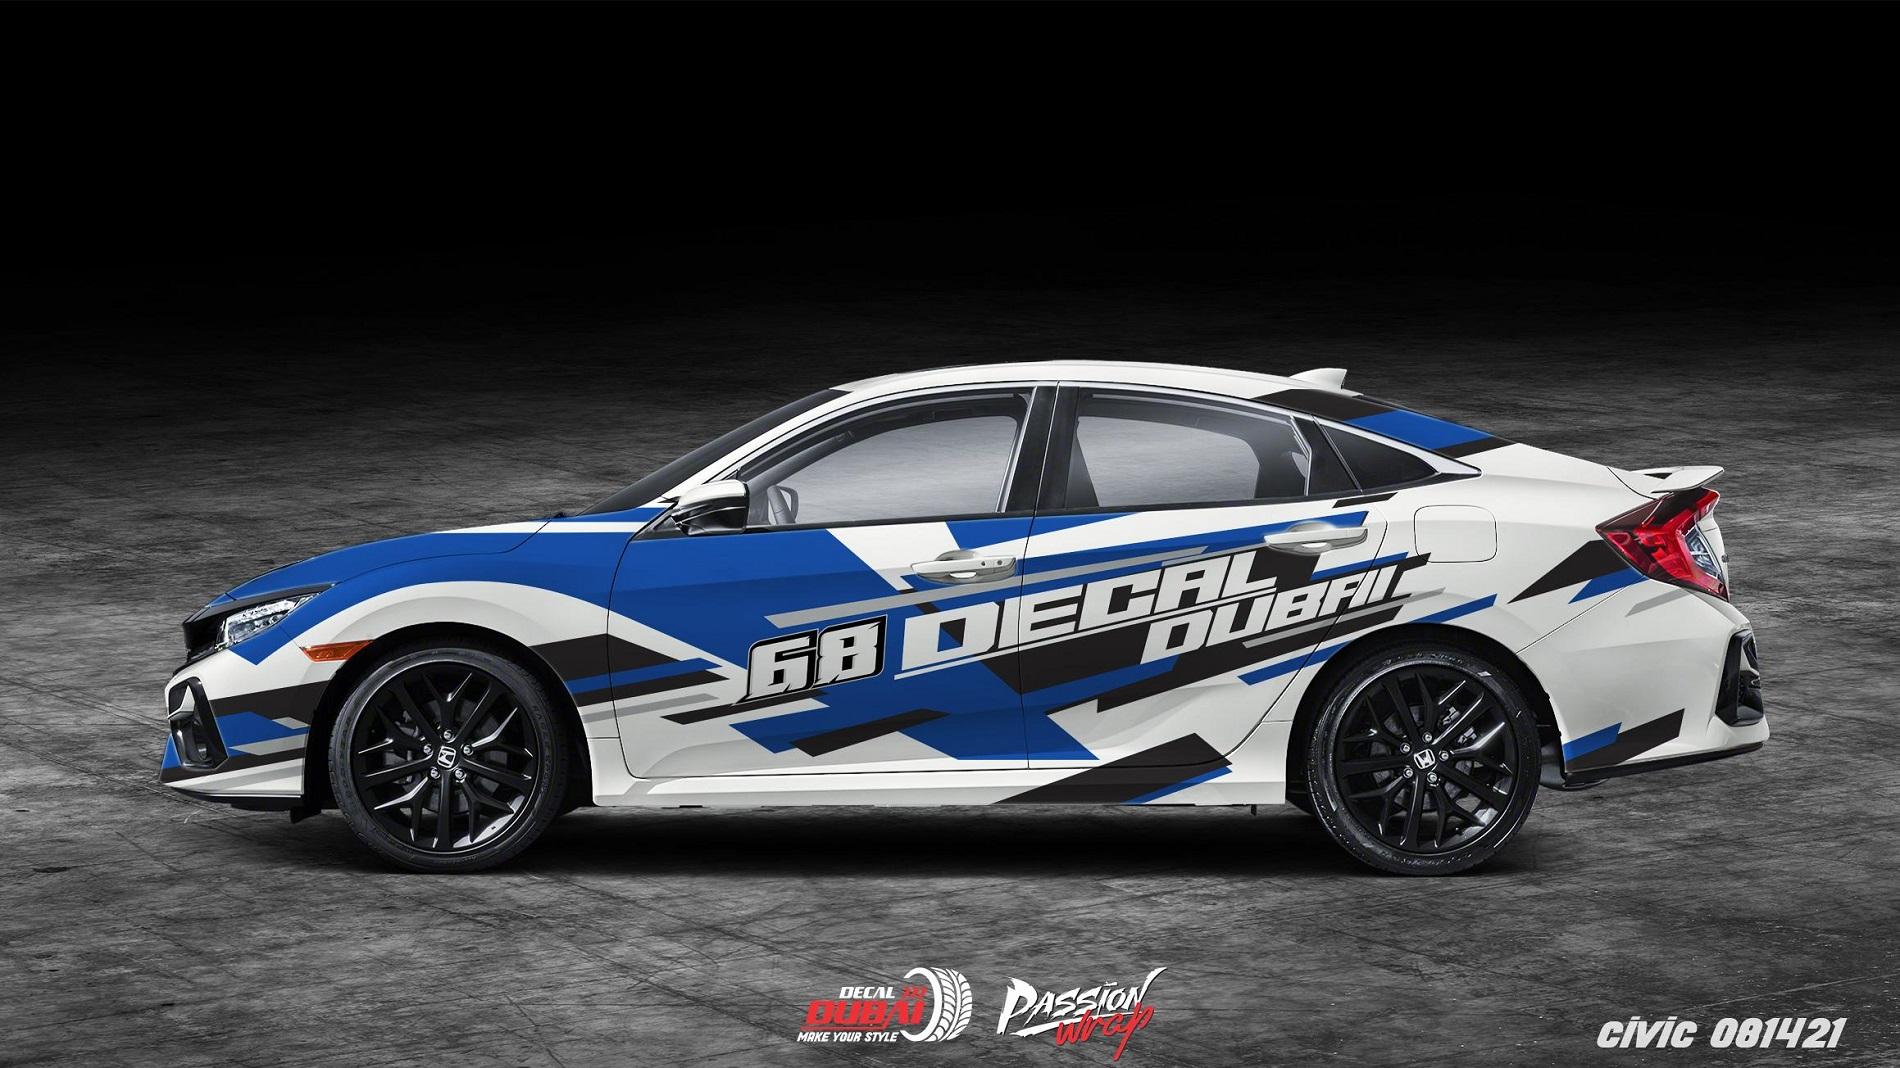 decal-Honda-Civic-081421